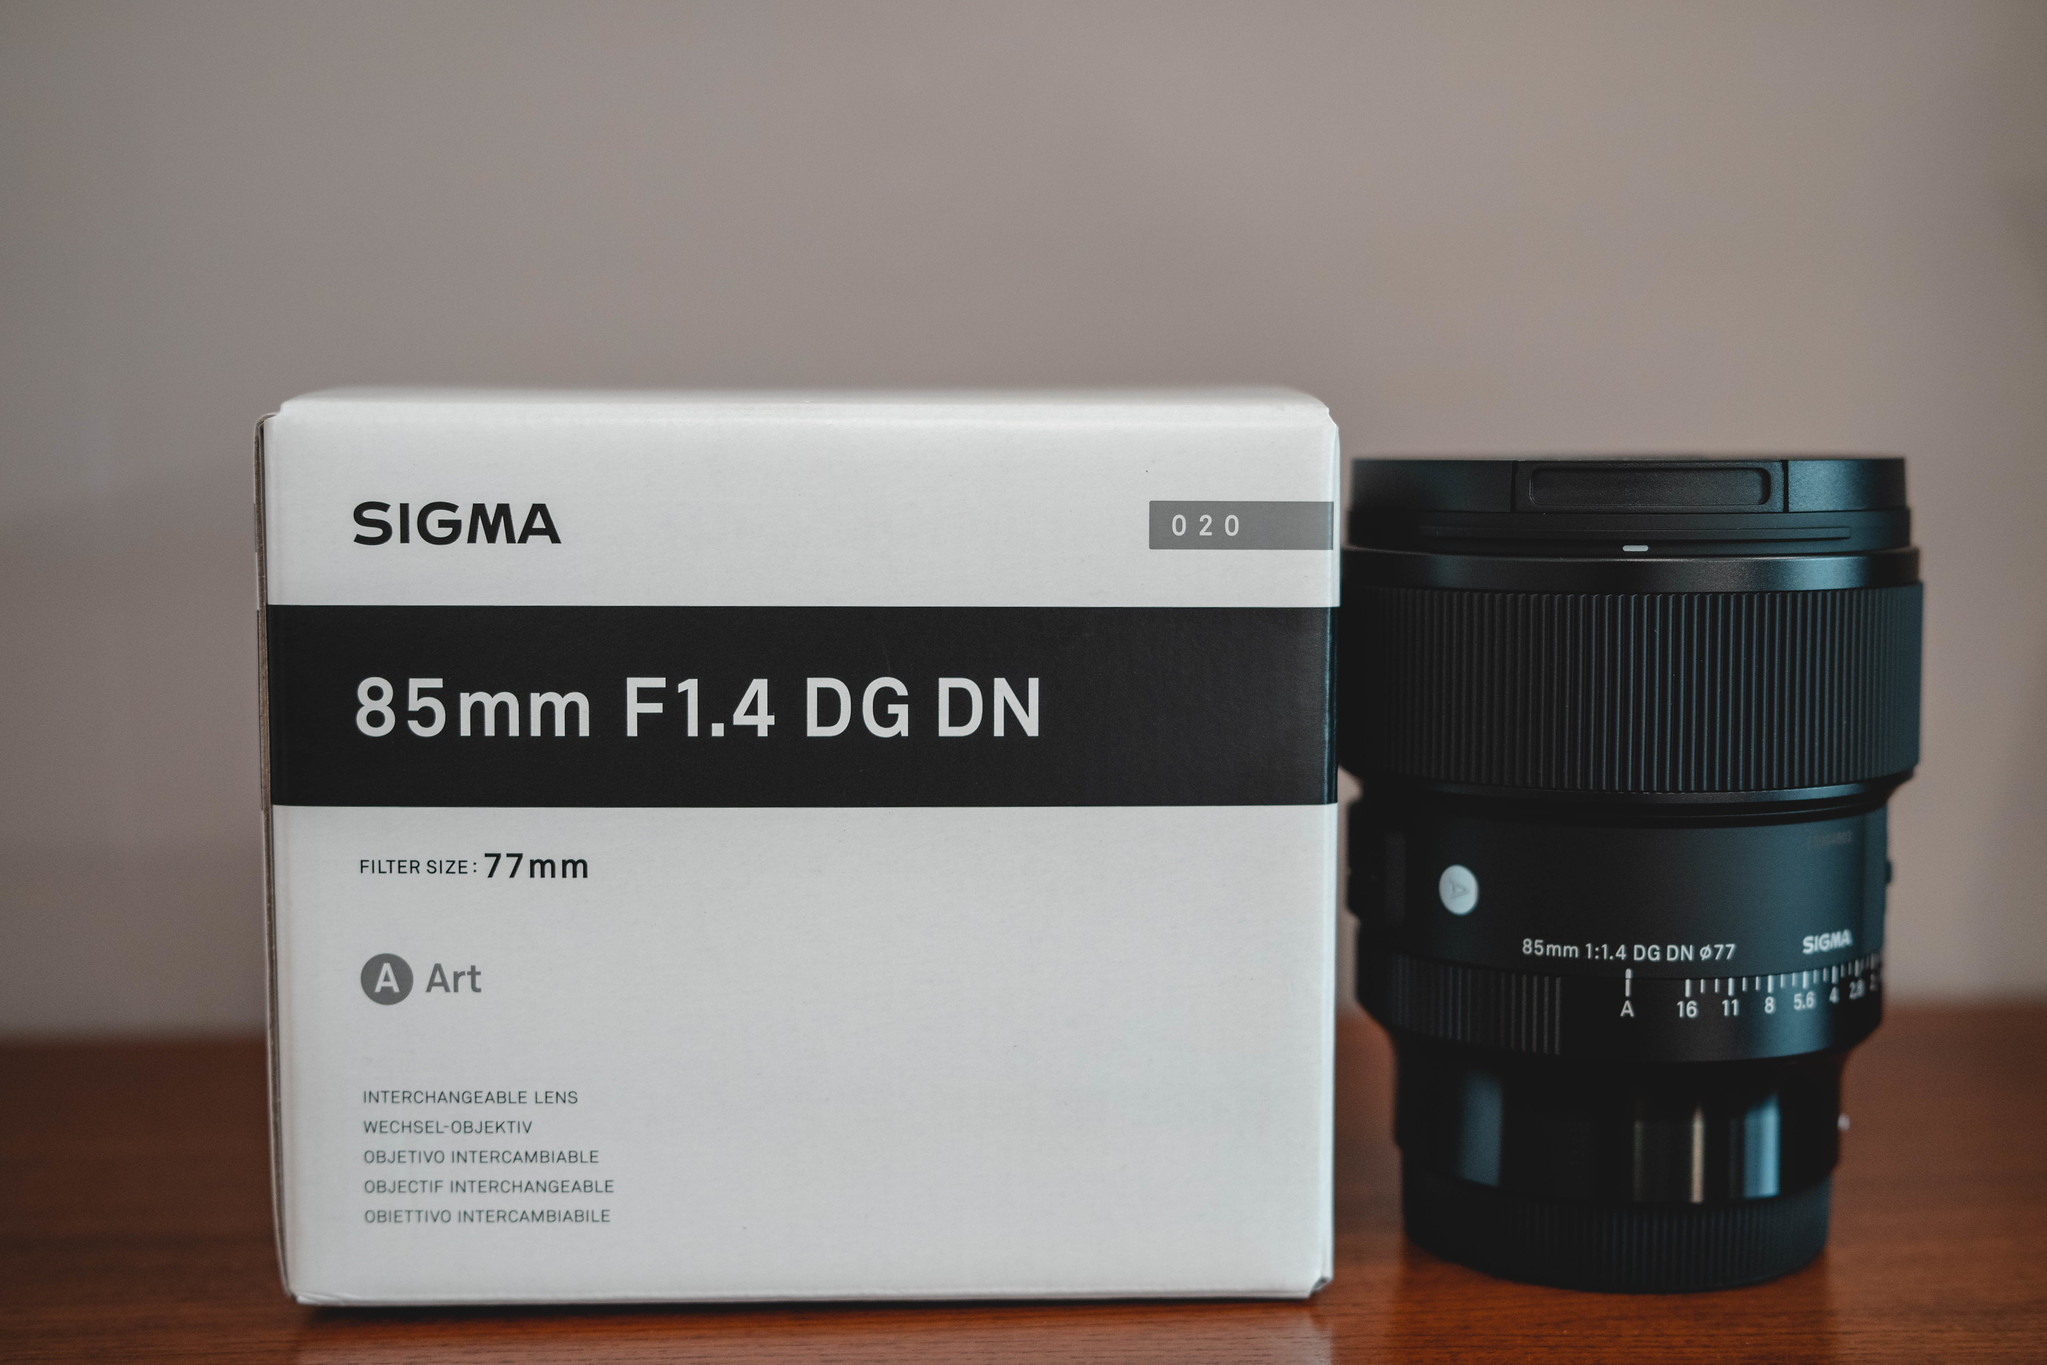 85mm F1.4 DG DN | Art 020M1410